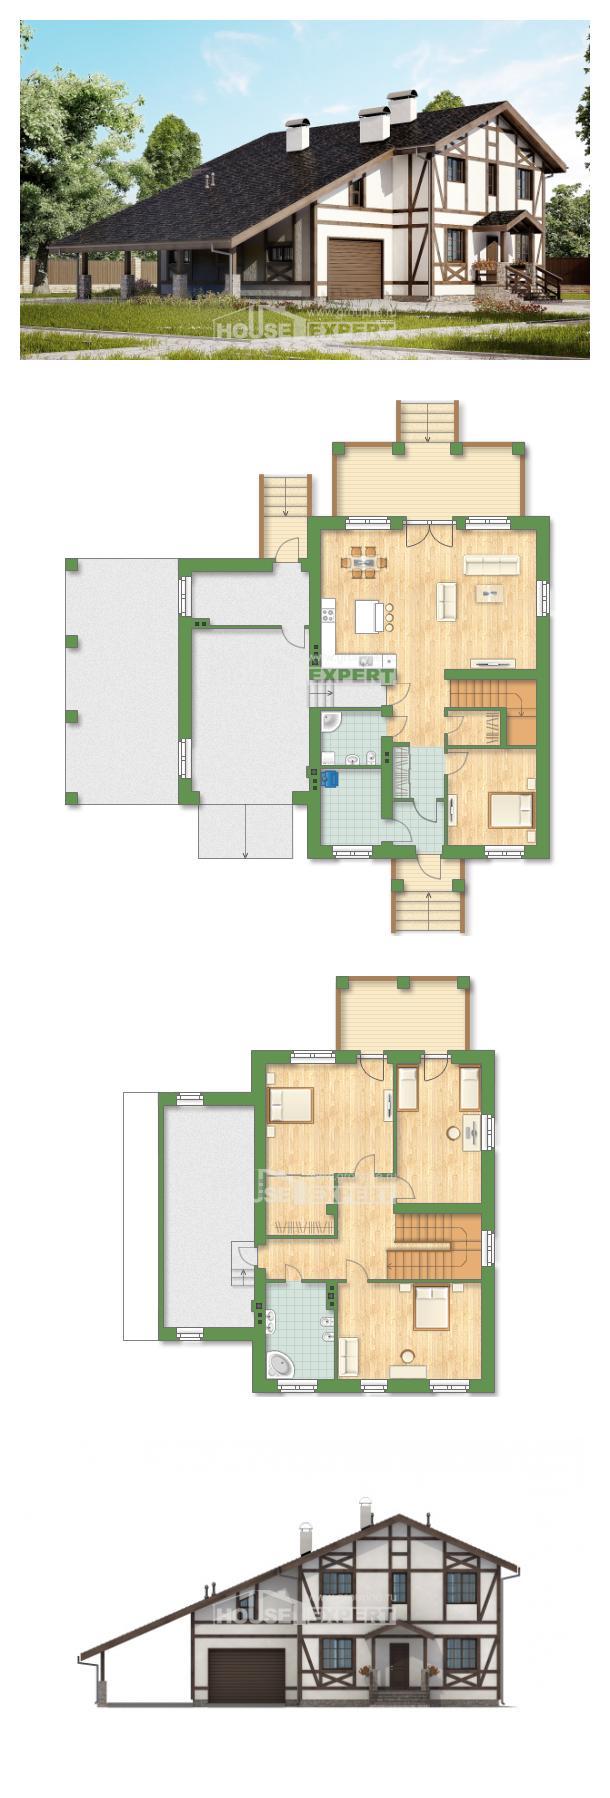 خطة البيت 250-002-L | House Expert